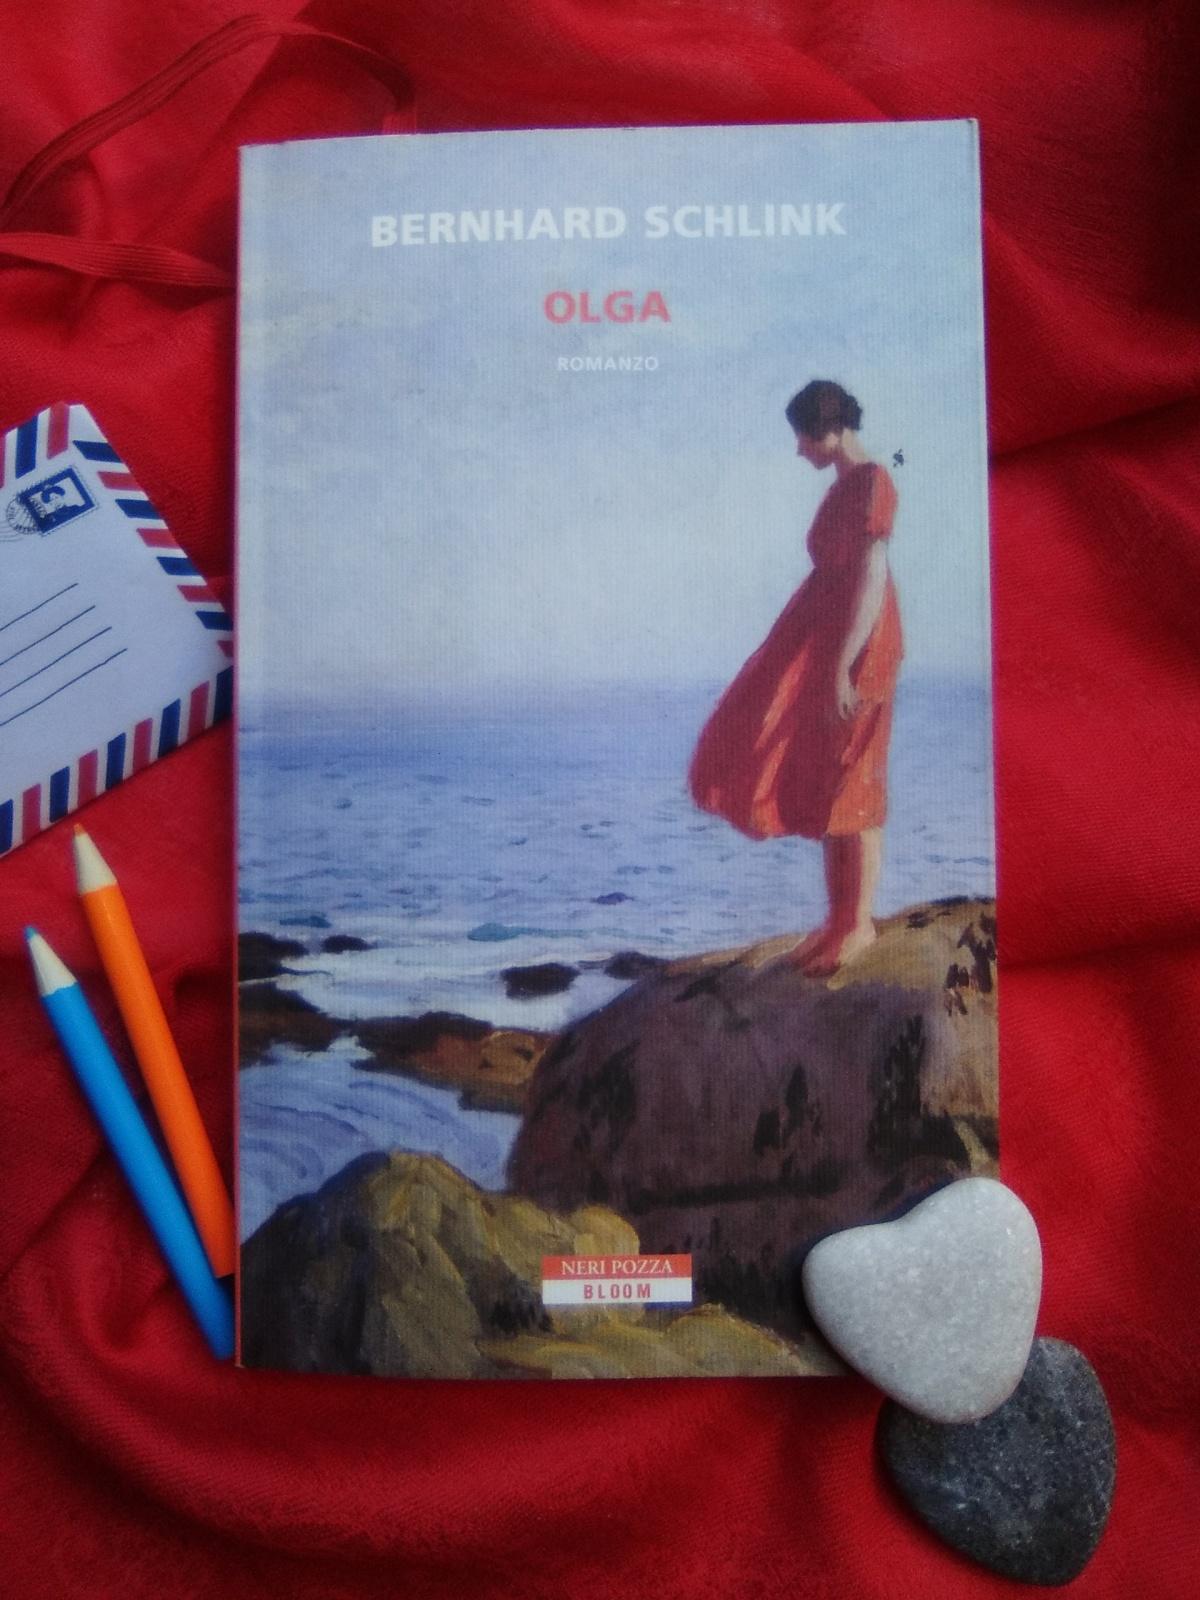 Bernhard Schlink, Olga. Una donna, unsecolo